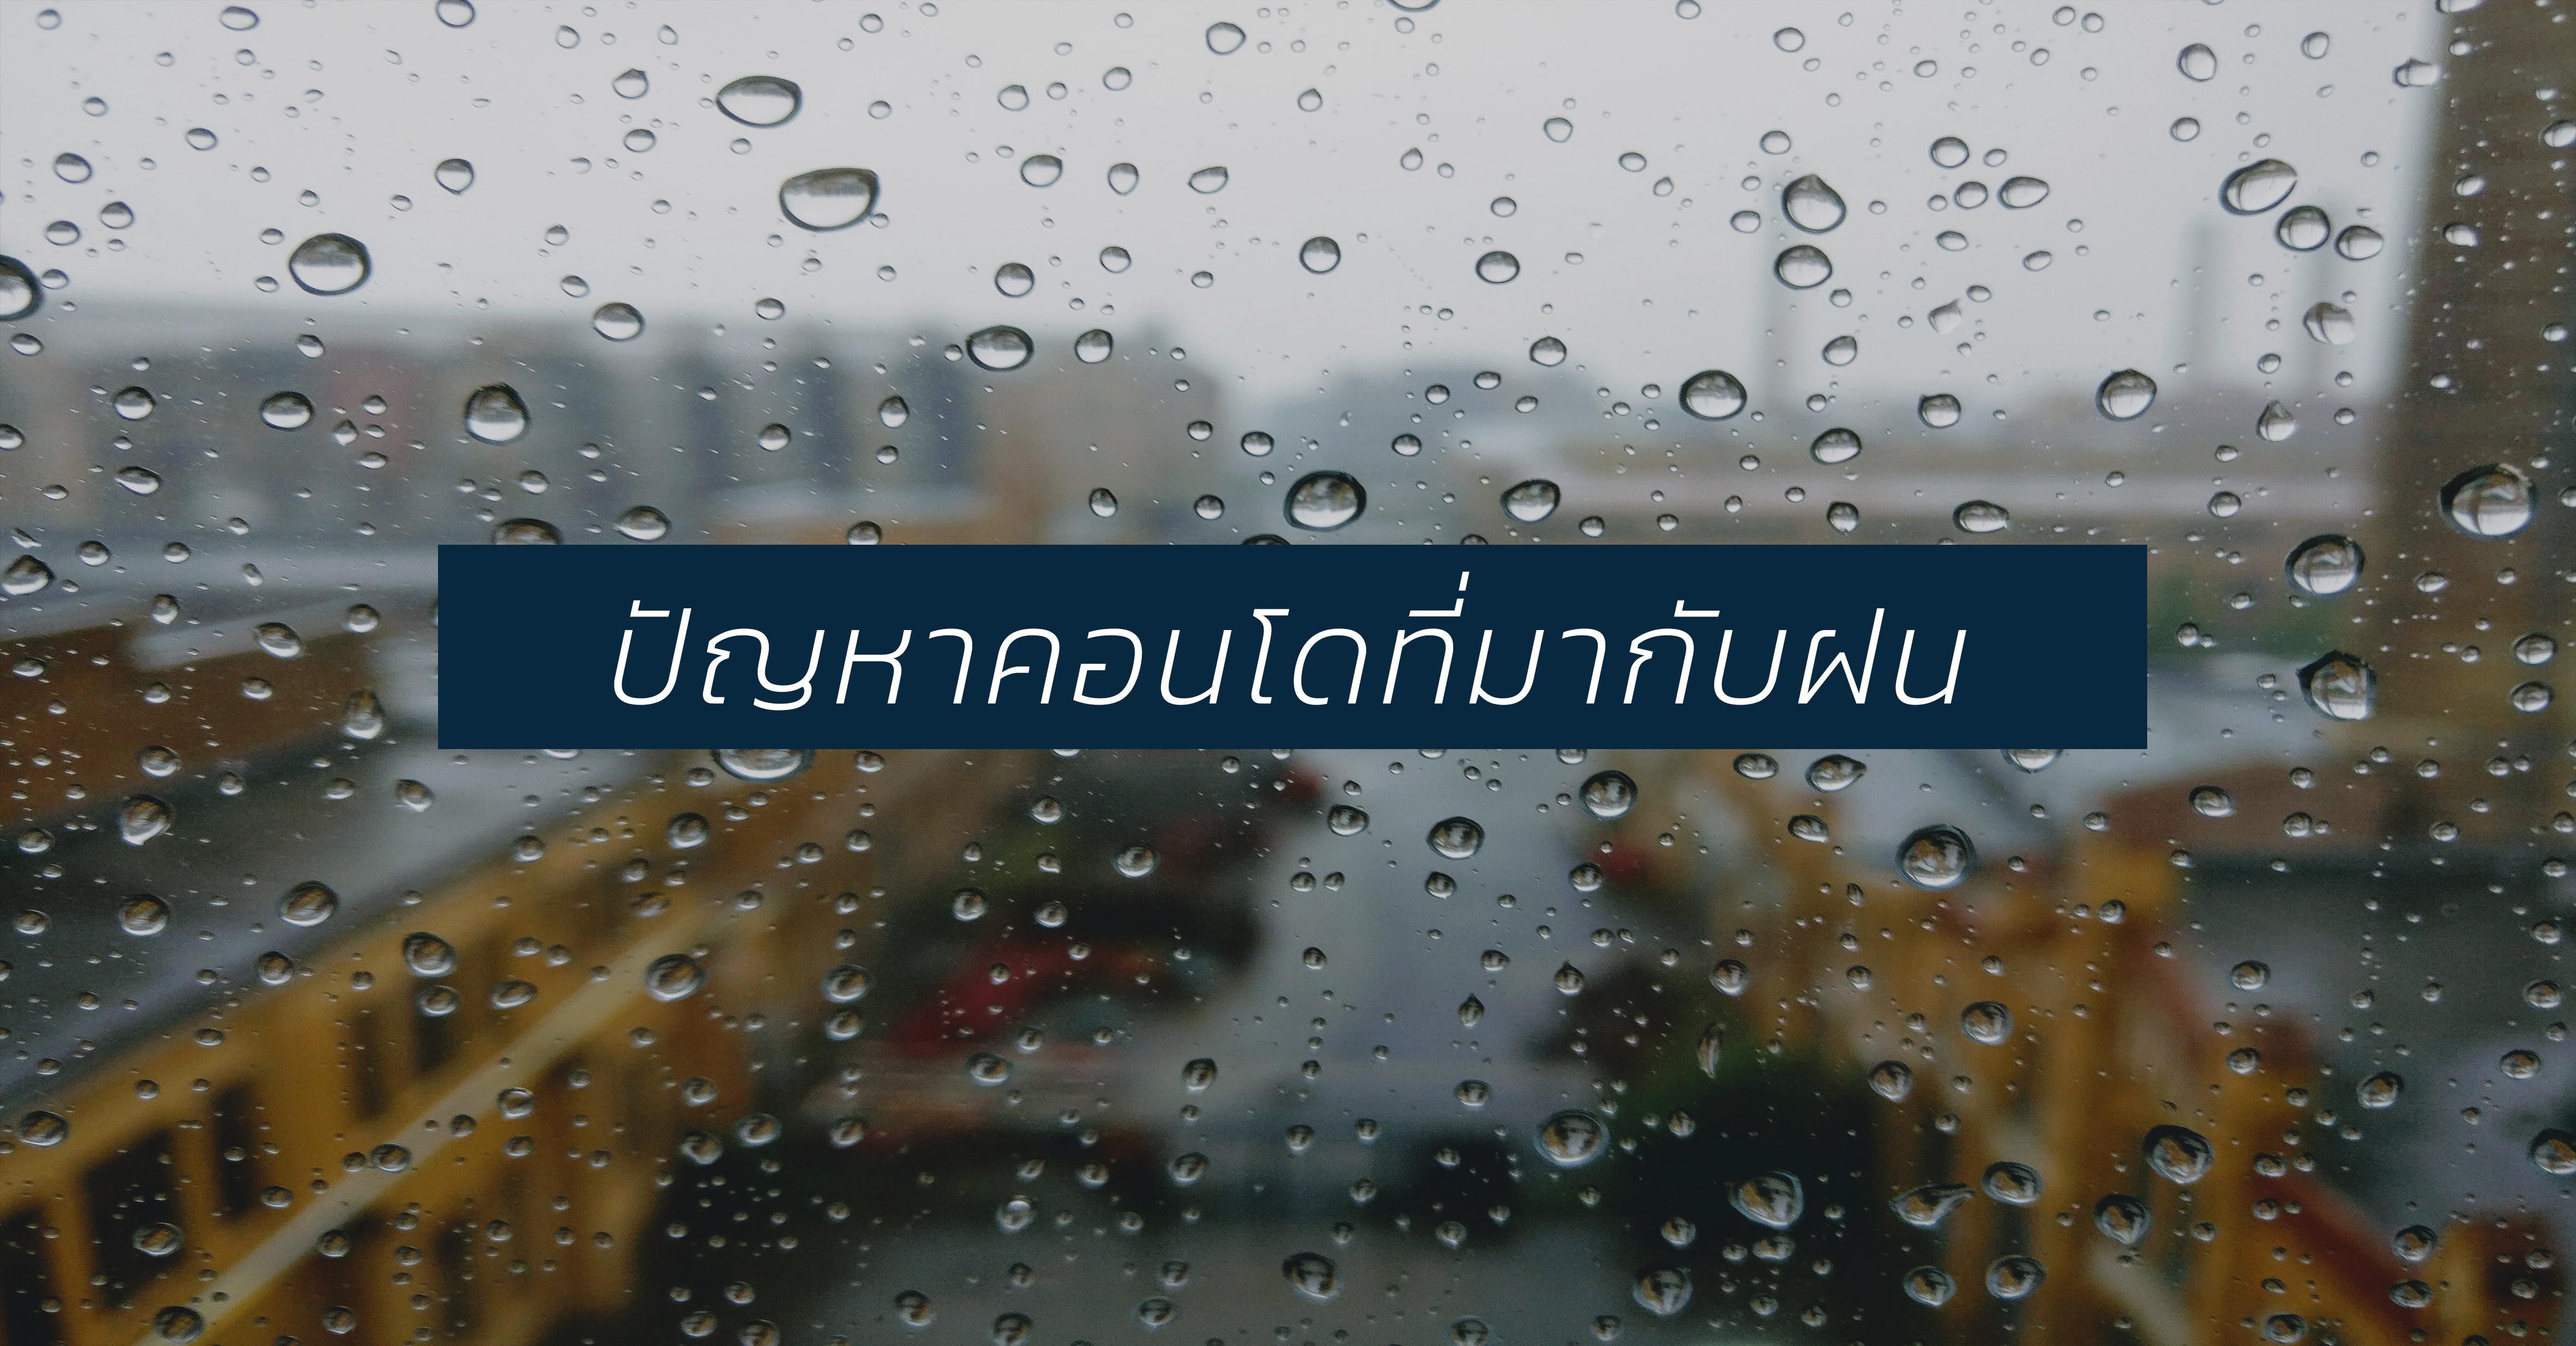 รูปบทความ วิธีรับมือกับปัญหาคอนโดที่มาในหน้าฝน